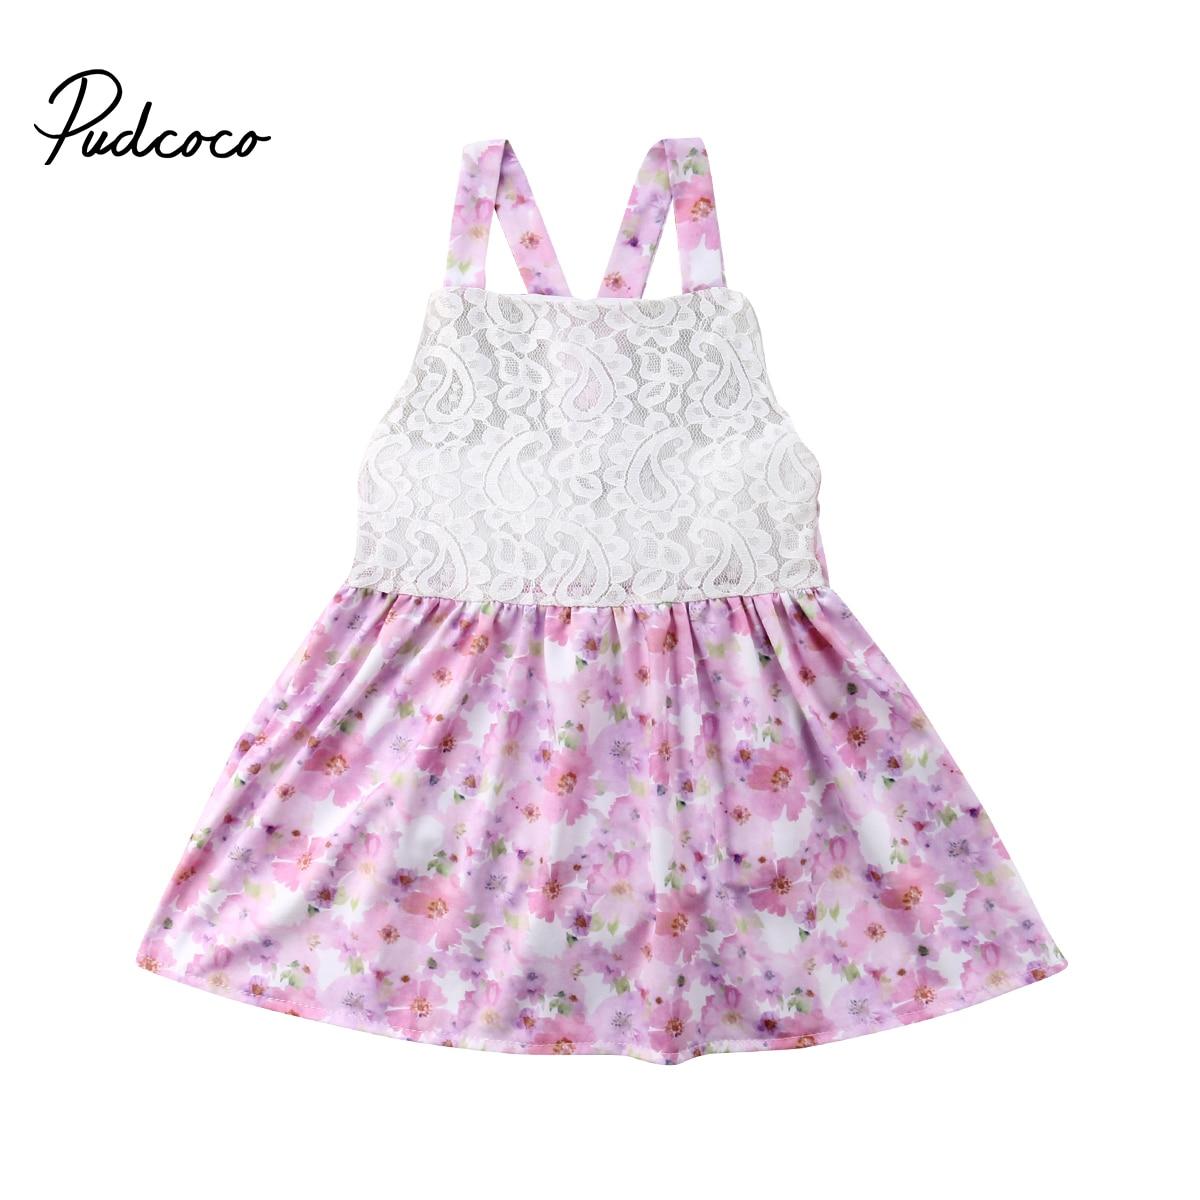 0-24 Mt Neugeborenen Baby Mädchen Ärmellose Spitze Blumen Tutu Prinzessin Boho Sommer Kleid Sommerkleid Kleidung Mild And Mellow